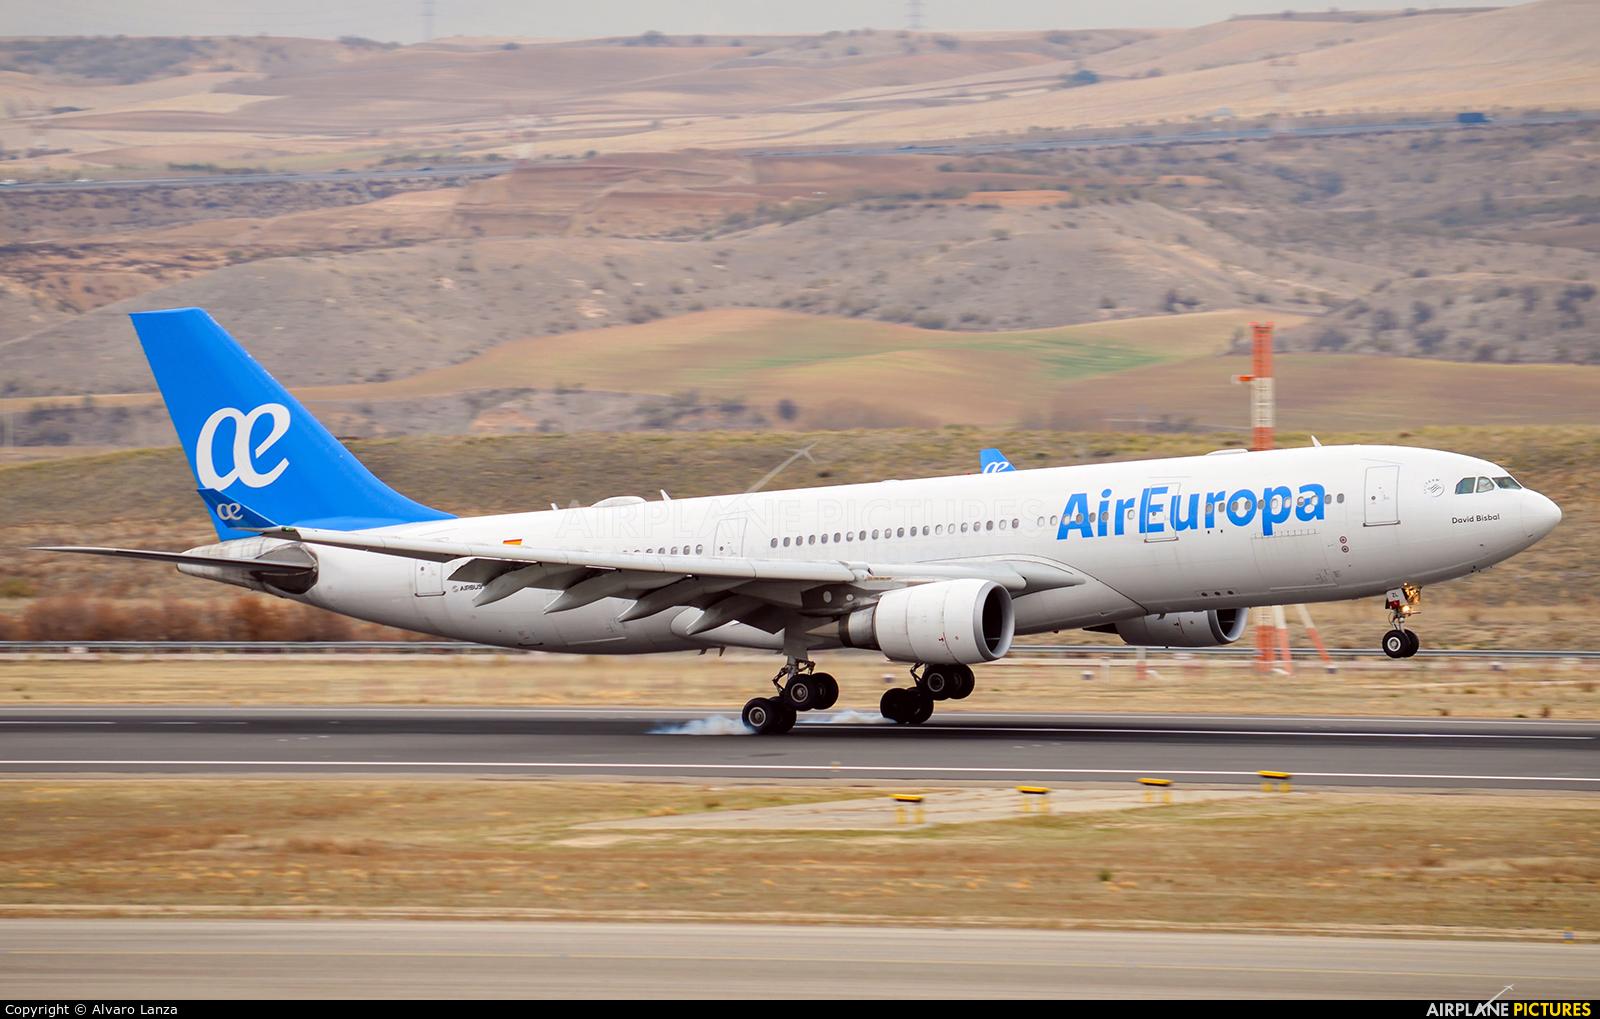 Air Europa EC-JZL aircraft at Madrid - Barajas